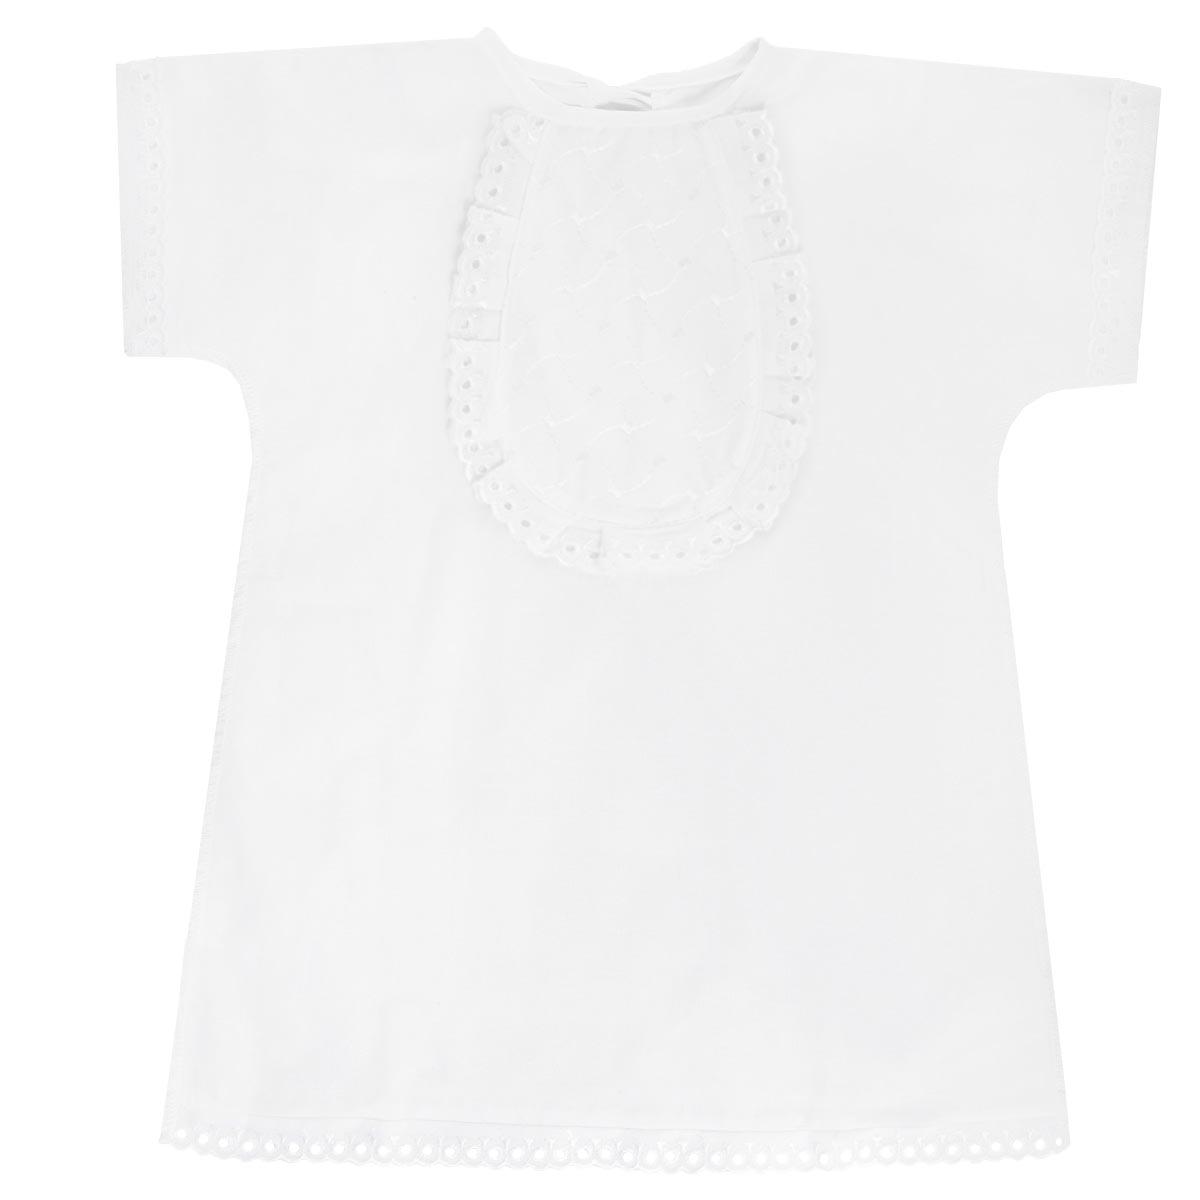 1135Крестильная рубашка Трон-плюс, выполненная из натурального хлопка, станет незаменимым атрибутом крещения. Рубашка необычайно мягкая и приятная на ощупь, не сковывает движения младенца и позволяет коже дышать, не раздражает нежную кожу ребенка, обеспечивая ему наибольший комфорт. Рубашка трапециевидной формы с короткими рукавами имеет две завязки сзади, которые помогают с легкостью переодеть младенца. Украшена рубашка отделкой в виде жабо. Низ рукавов и низ изделия оформлены ажурными петельками. По бокам рубашечка дополнена двумя небольшими разрезами. Швы выполнены наружу. Благодаря такой рубашке ваш ребенок не замерзнет, и будет выглядеть нарядно.